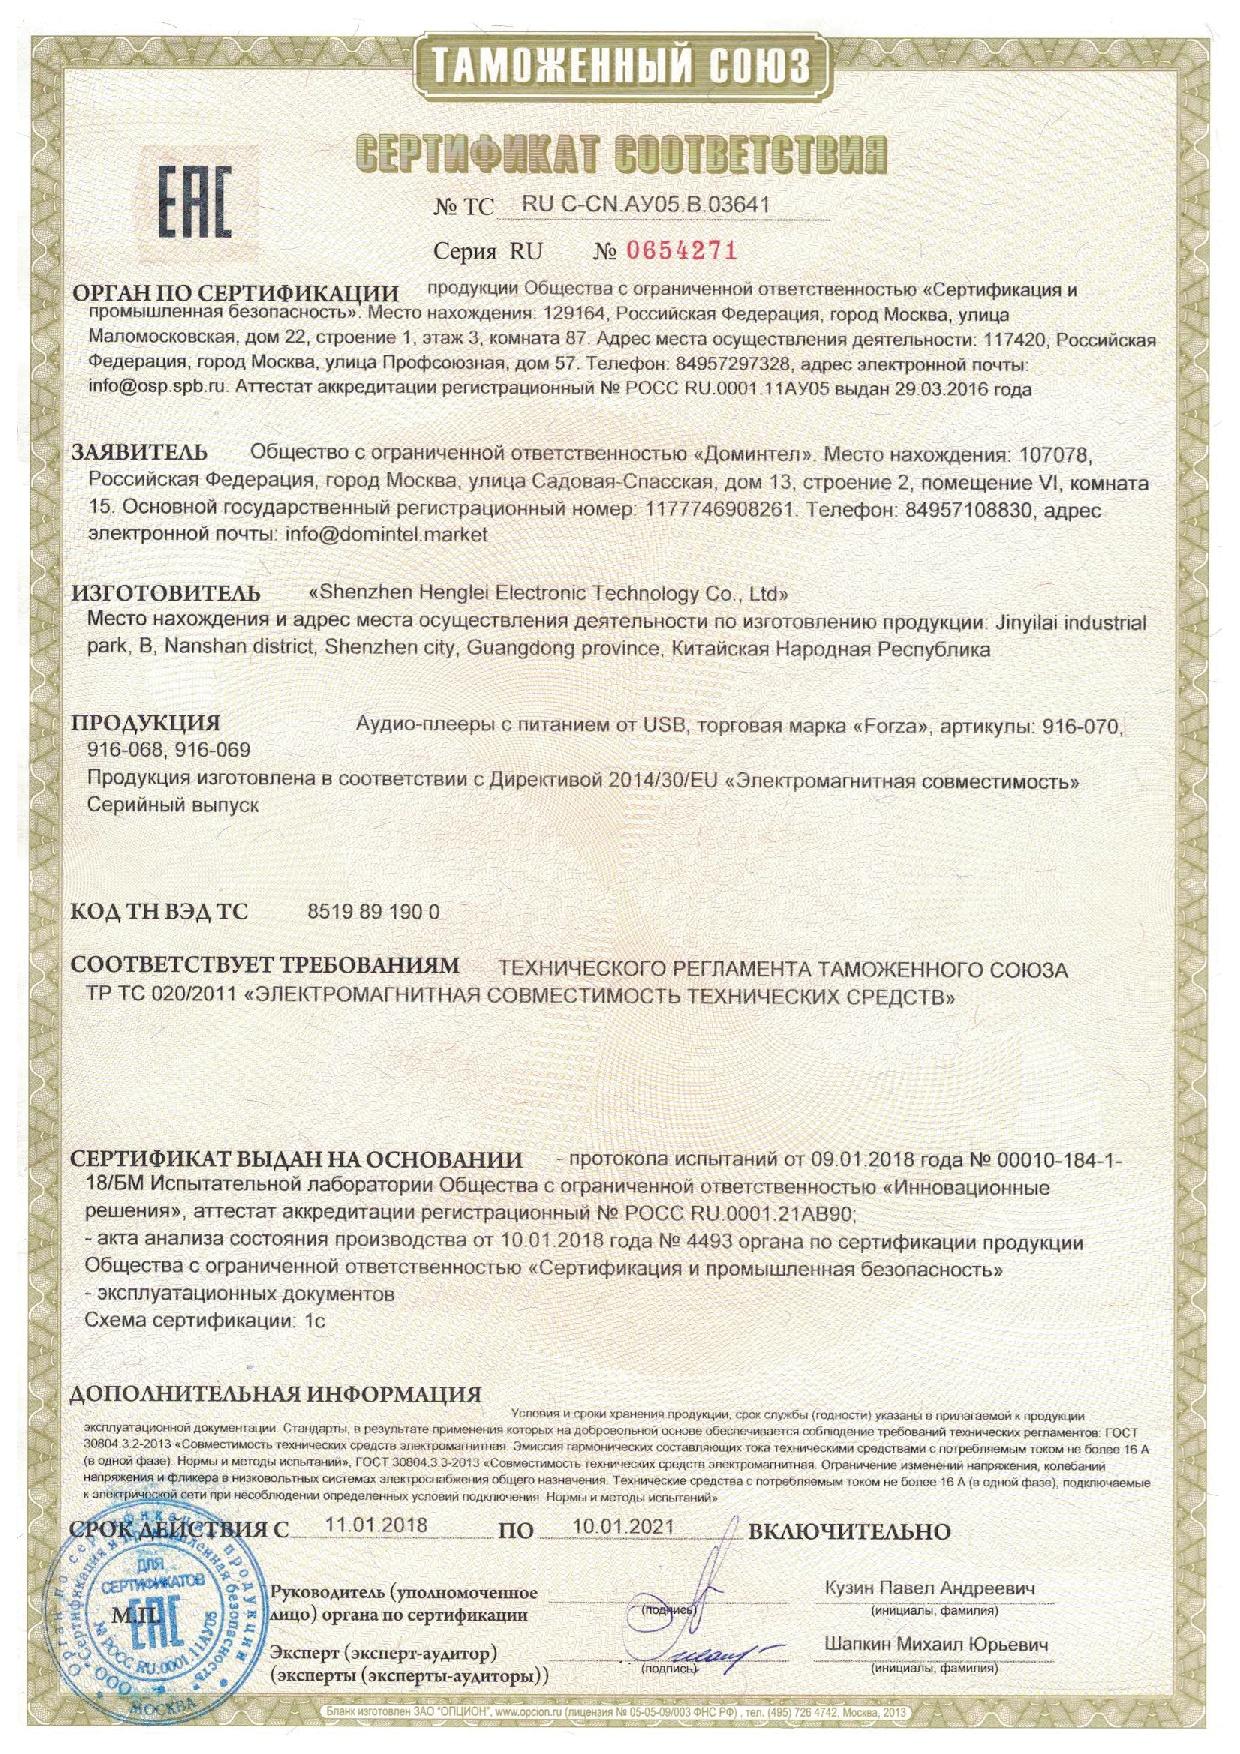 RUS-CN.AU05.V.03641.jpg